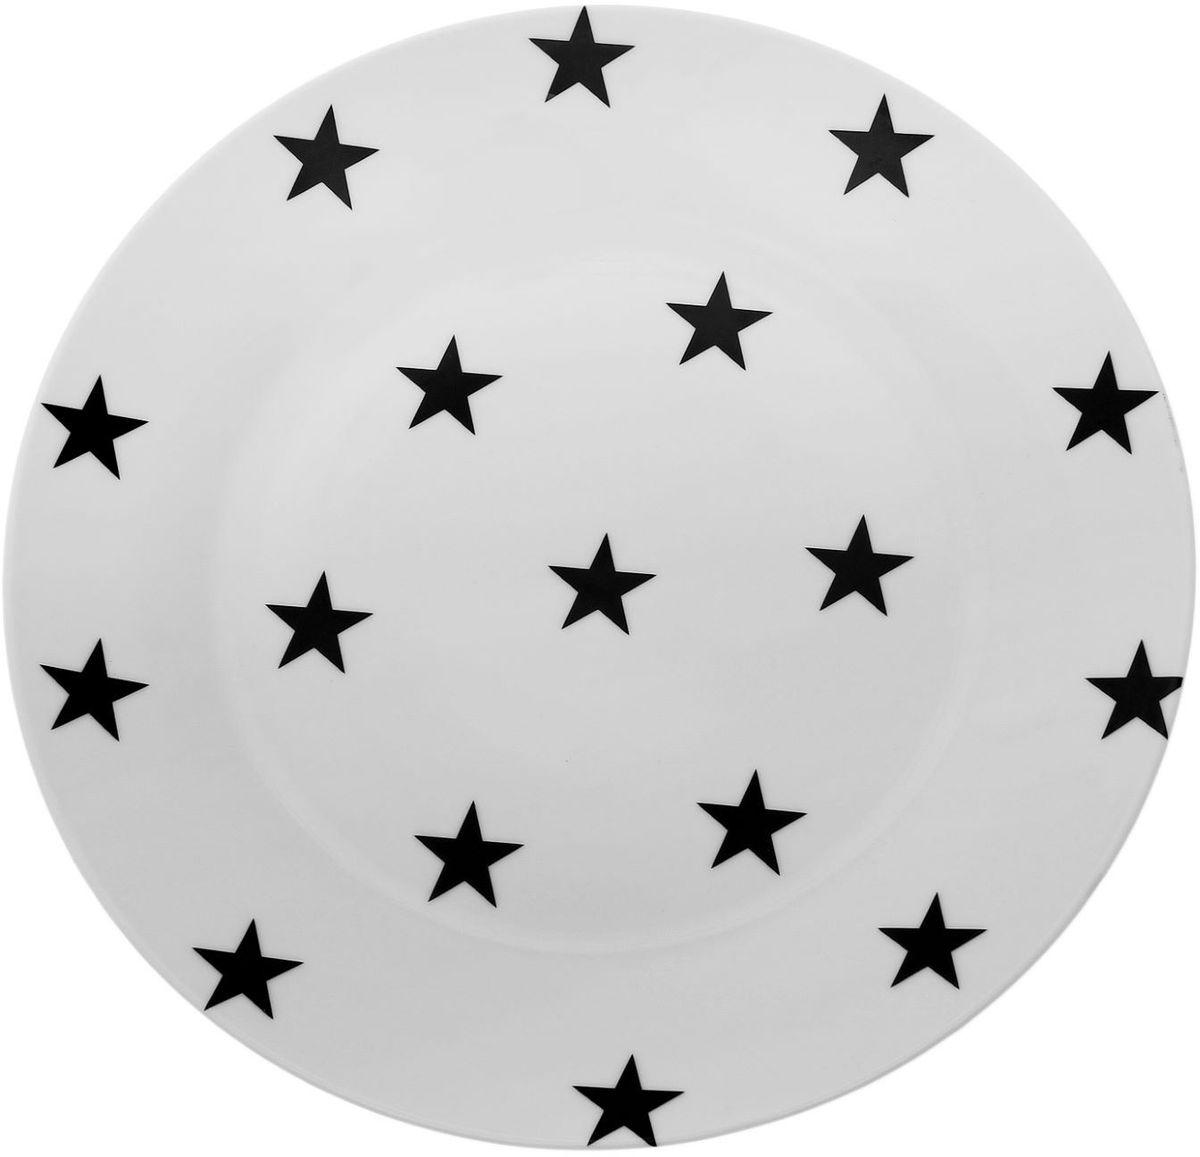 Тарелка Сотвори чудо My Little Star, диаметр 23 смVT-1520(SR)Хотите обновить интерьер кухни или гостиной? Устраиваете необычную фотосессию или тематический праздник? А может, просто ищете подарок для близкого человека? Посуда Сотвори Чудо — правильный выбор в любой ситуации. Тарелка Сотвори Чудо, изготовленная из изящного фаянса нежного сливочного цвета, оформлена оригинальным рисунком со стойкой краской. Пригодна для посудомоечной машины.